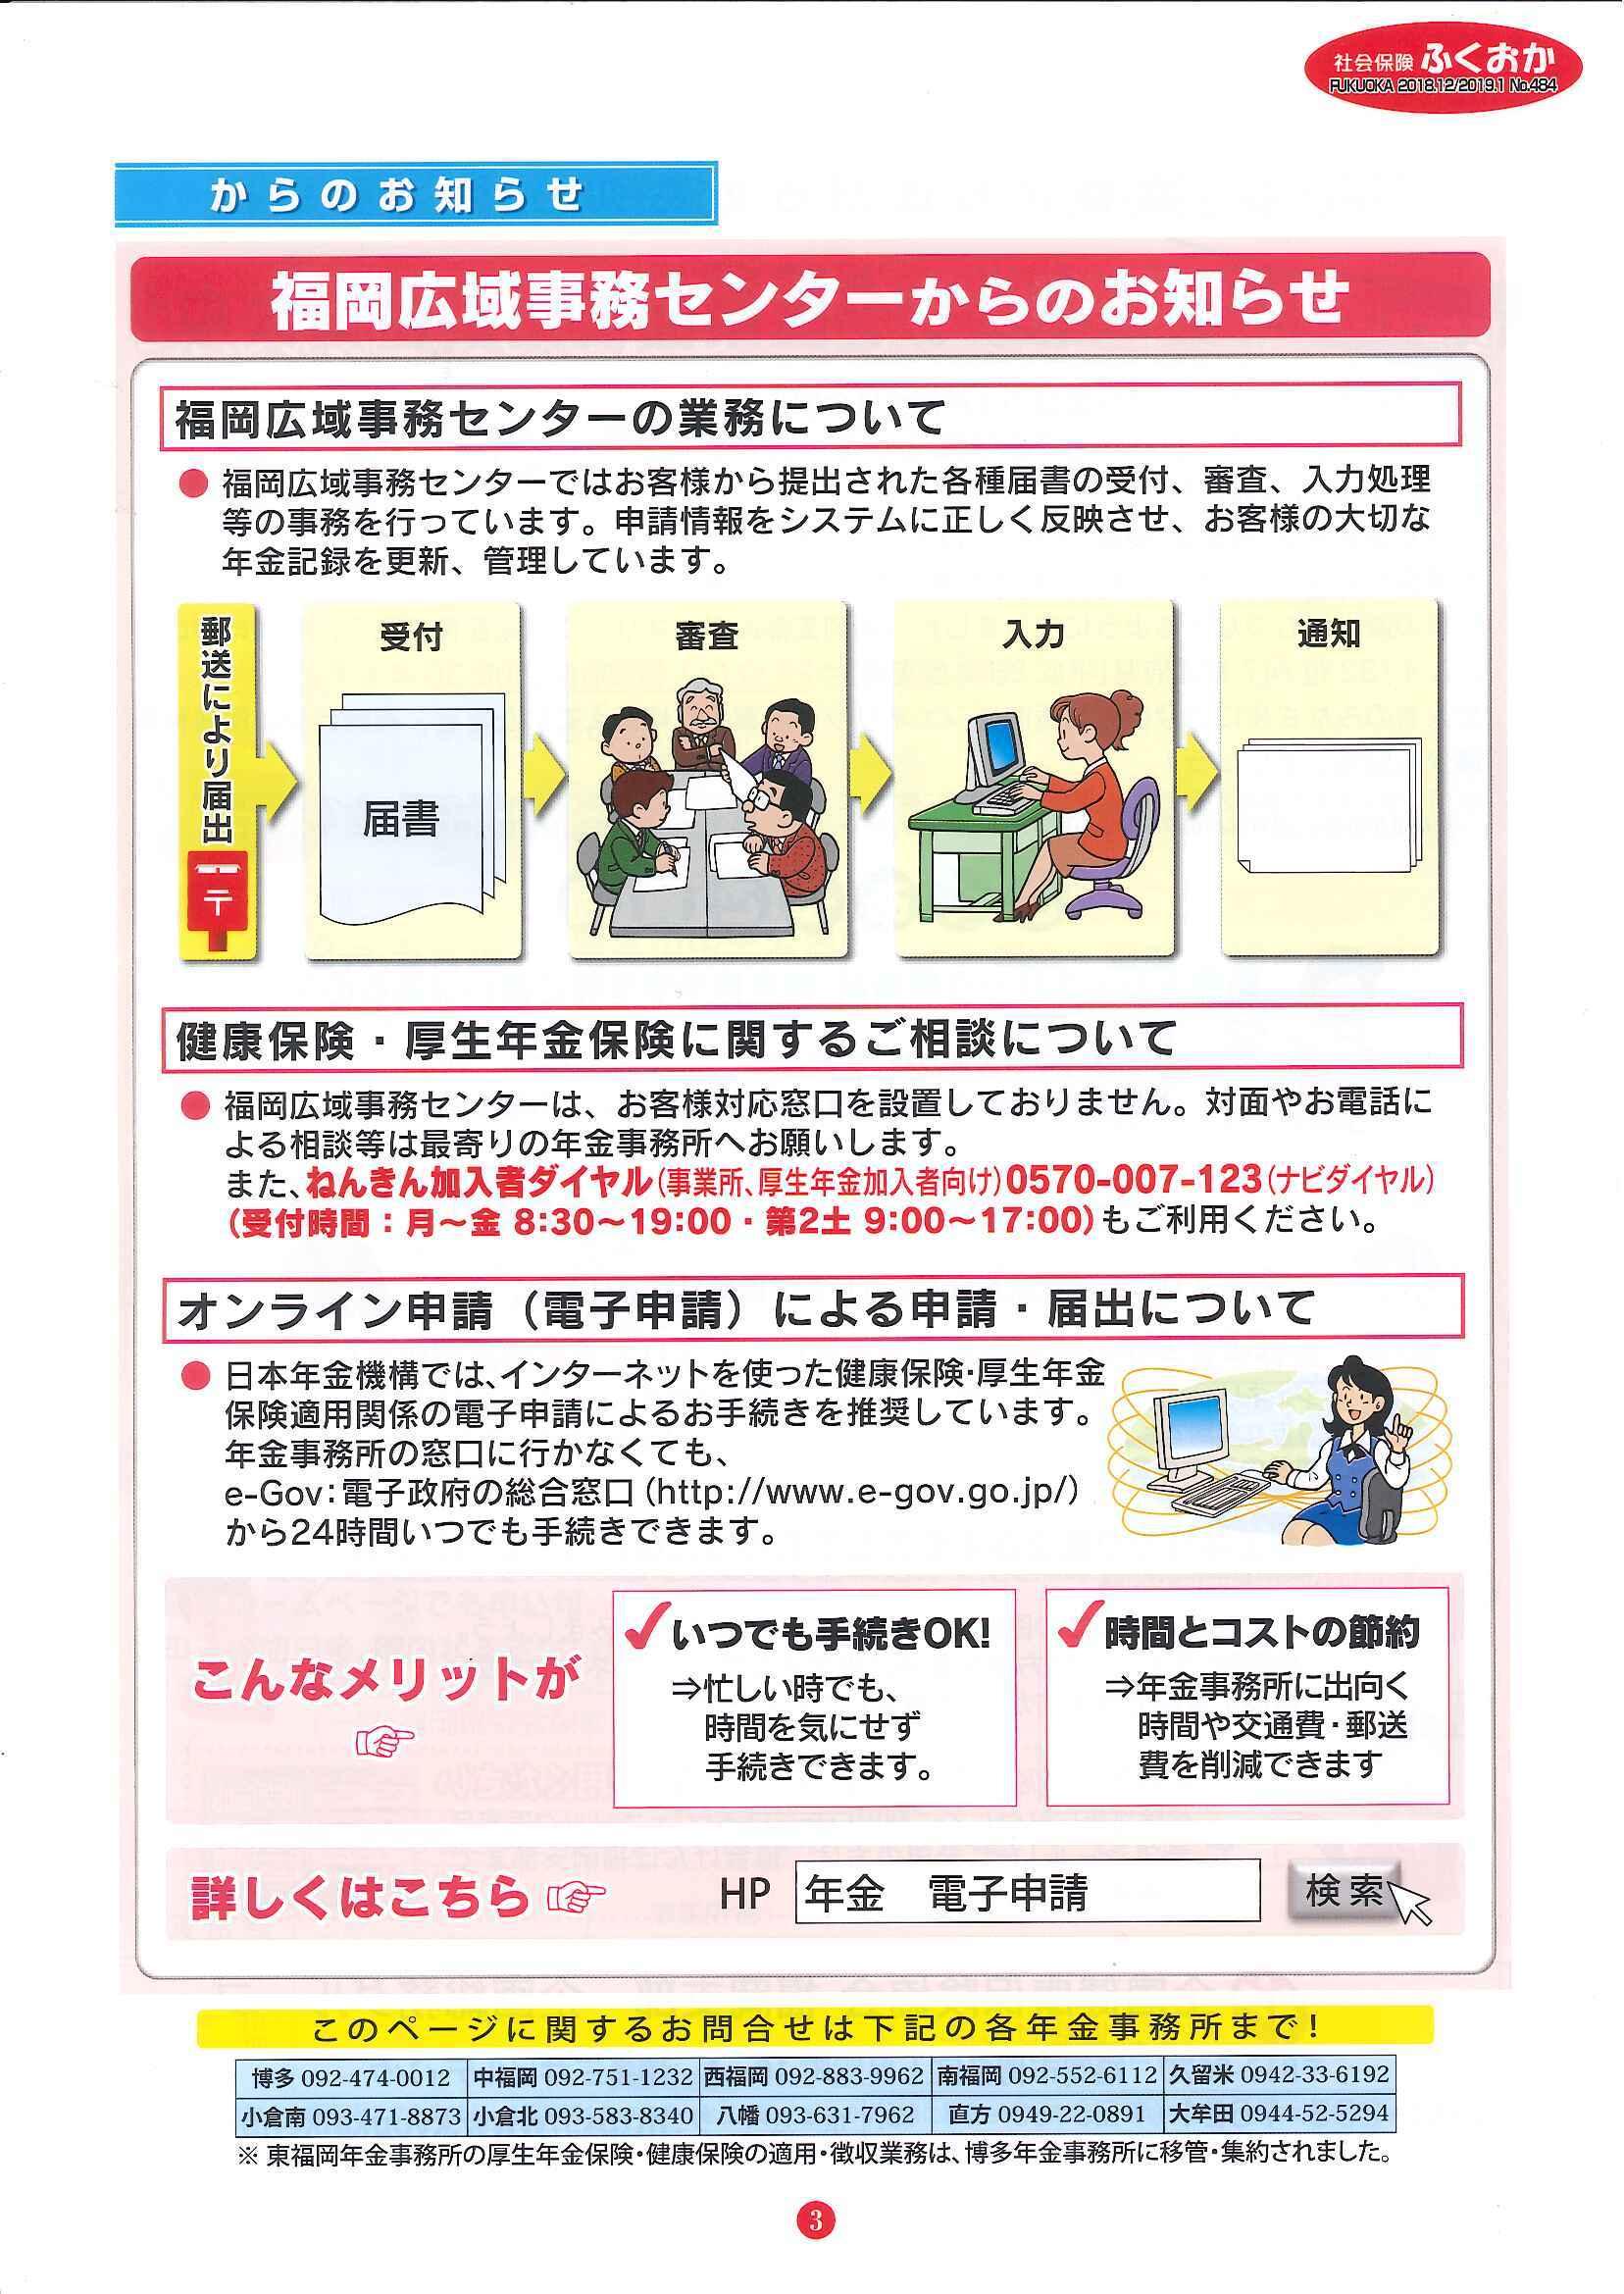 社会保険 ふくおか 2018年12月・2019年1月号_f0120774_16102396.jpg